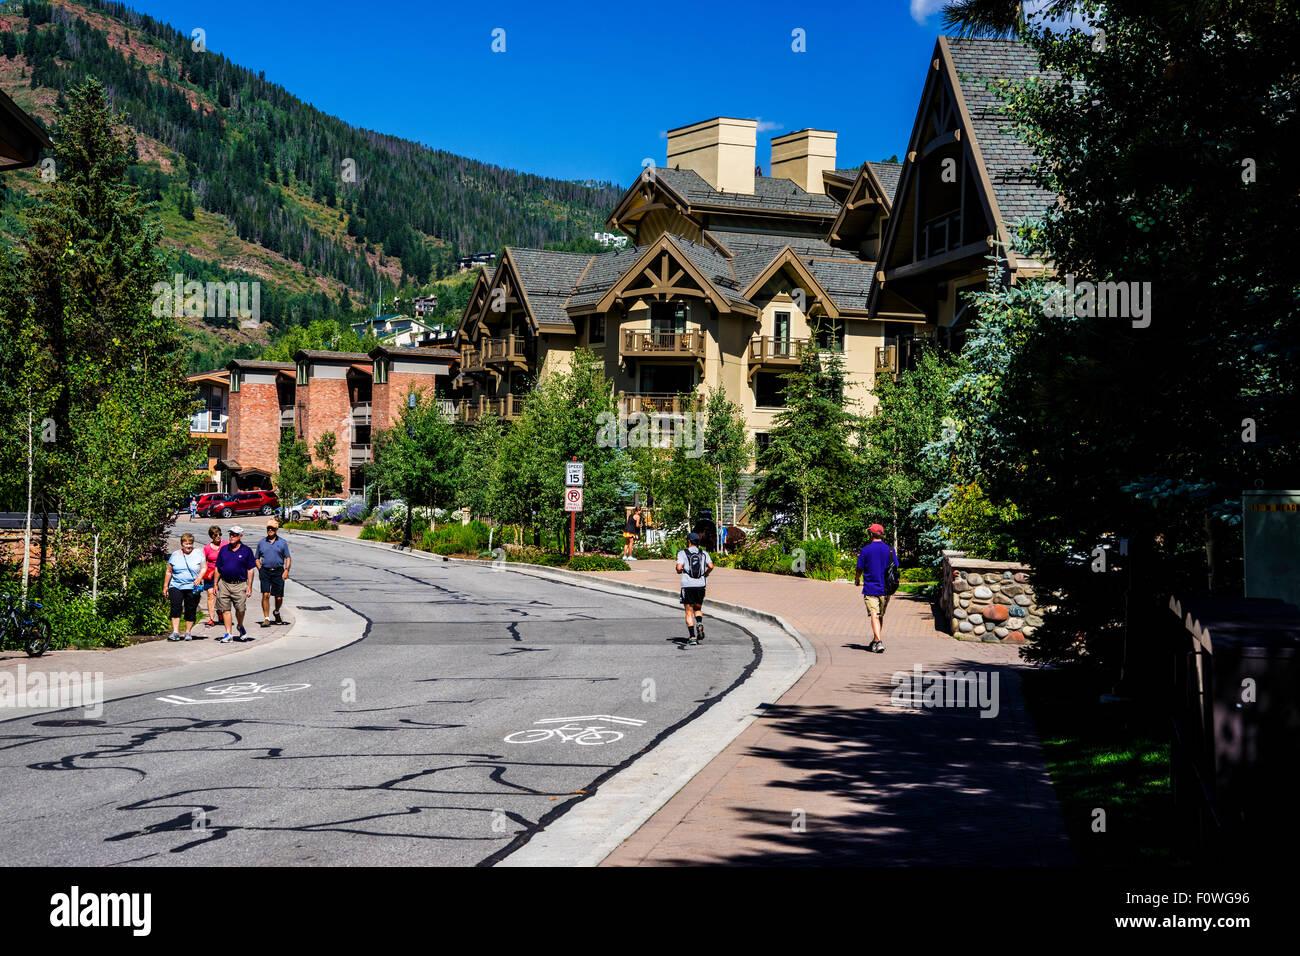 Street Scene In Vail Colorado - Stock Image